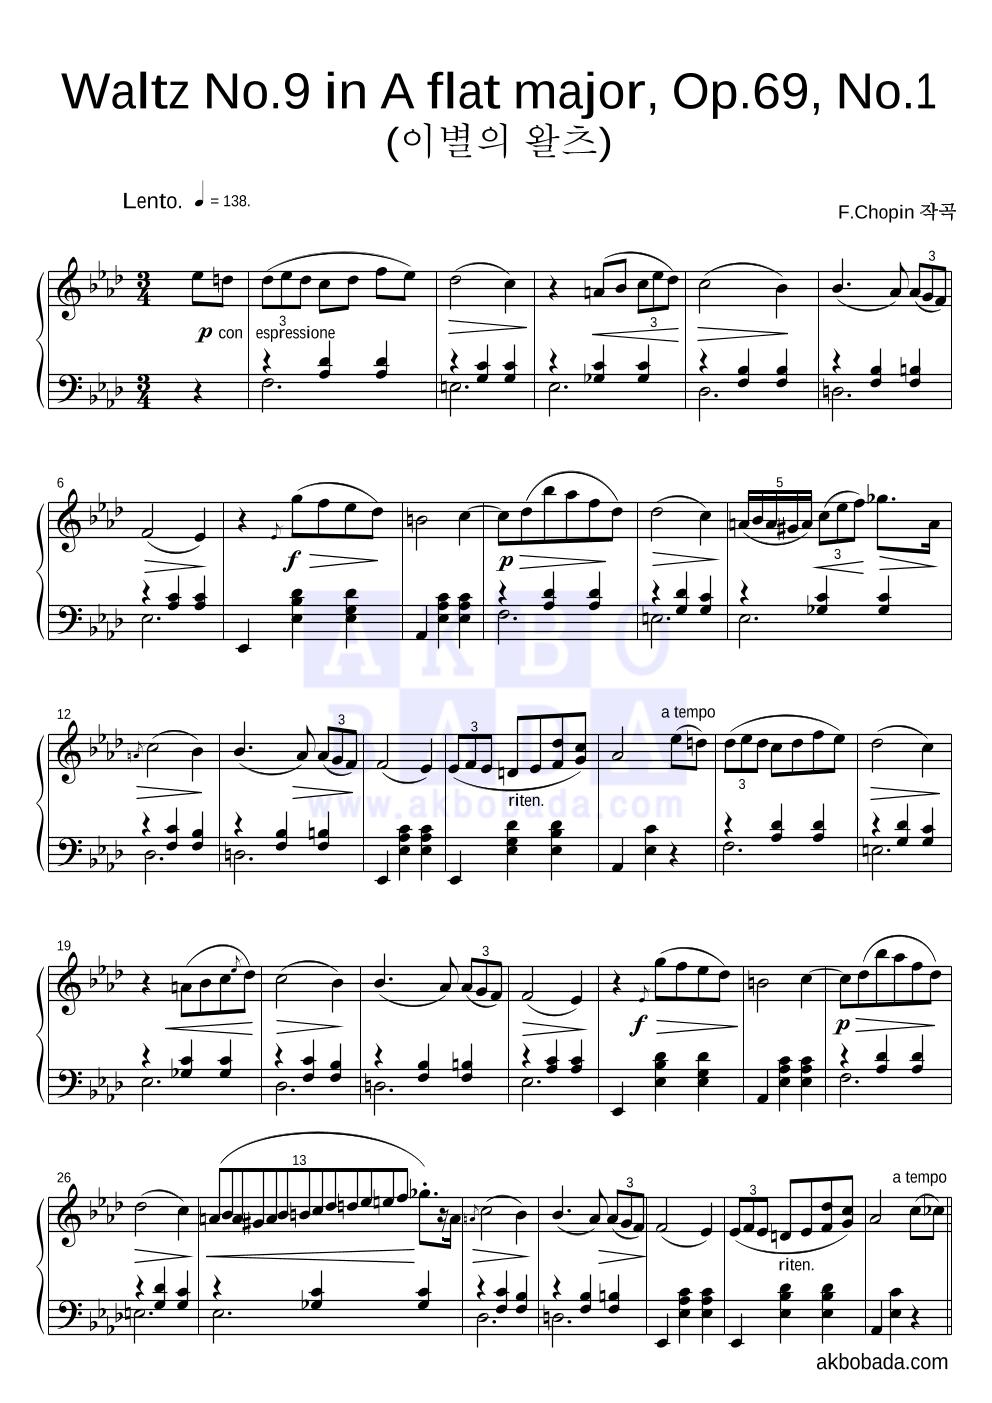 쇼팽 - Waltz No.9 in A flat major, Op.69, No.1 (이별의 왈츠) 피아노 2단 악보